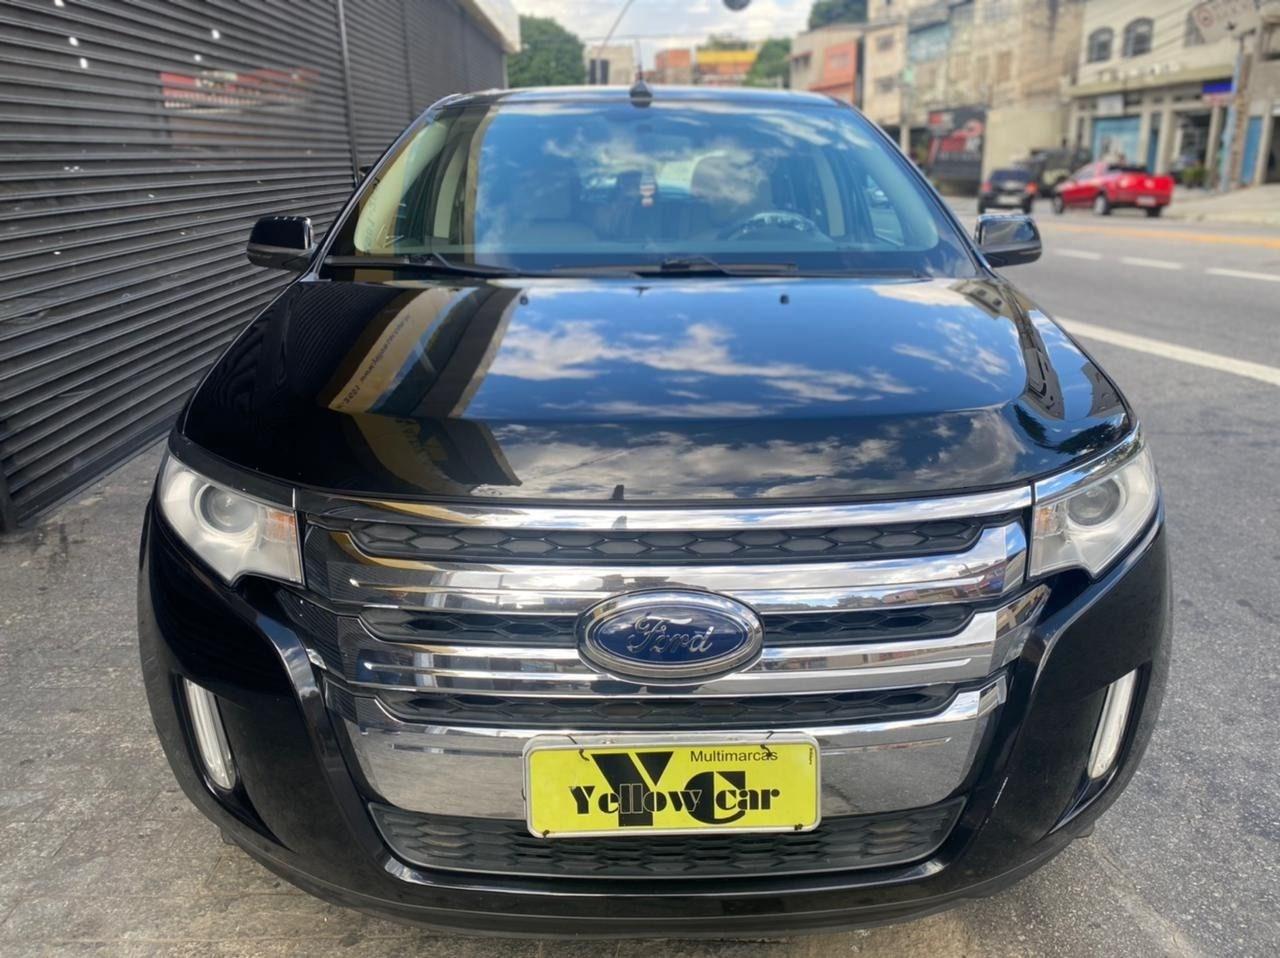 //www.autoline.com.br/carro/ford/edge-35-v6-limited-fwd-24v-gasolina-4p-automatico/2013/sao-paulo-sp/14323155